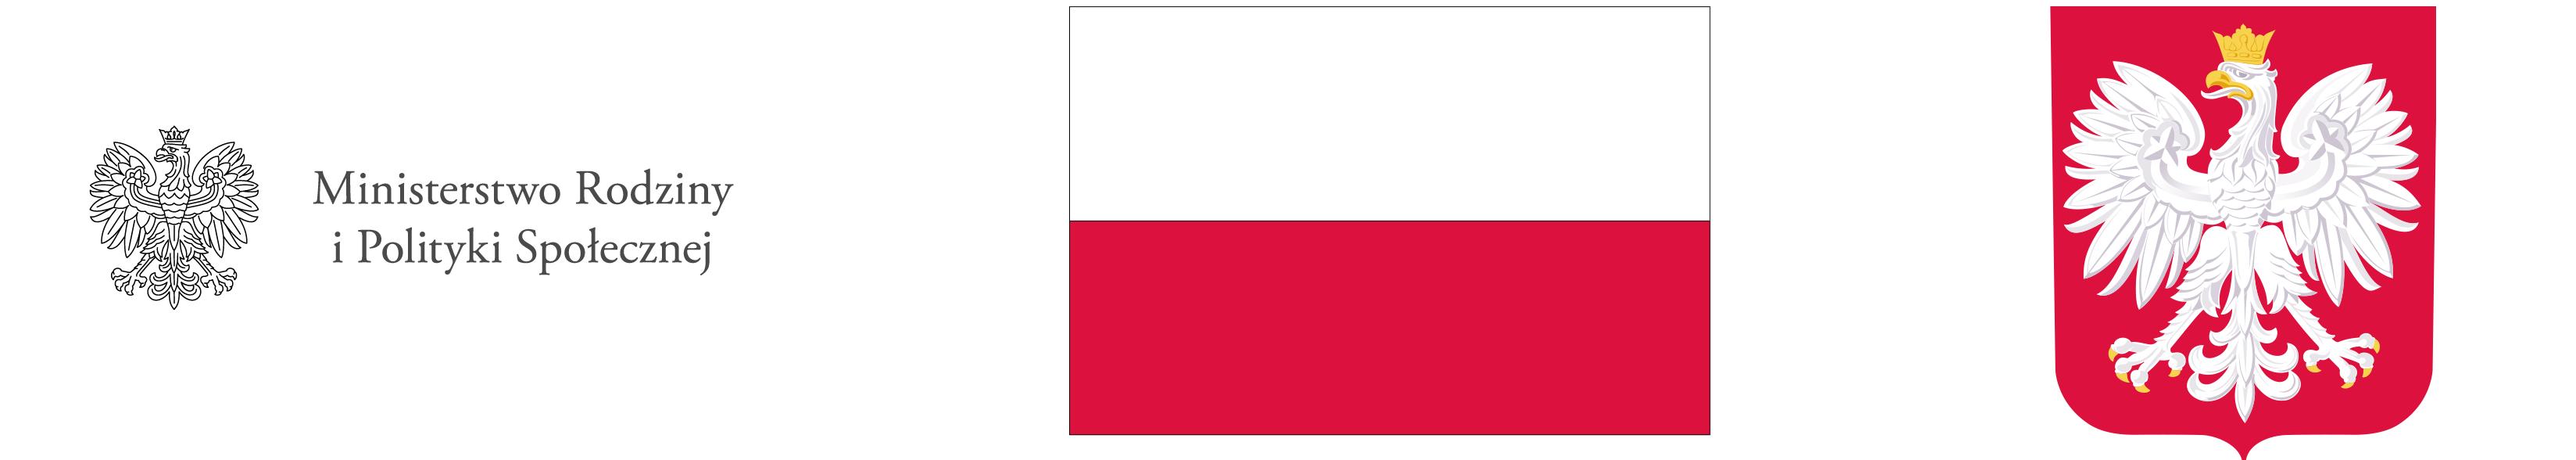 loga Rzeczypospolitej Polskiej